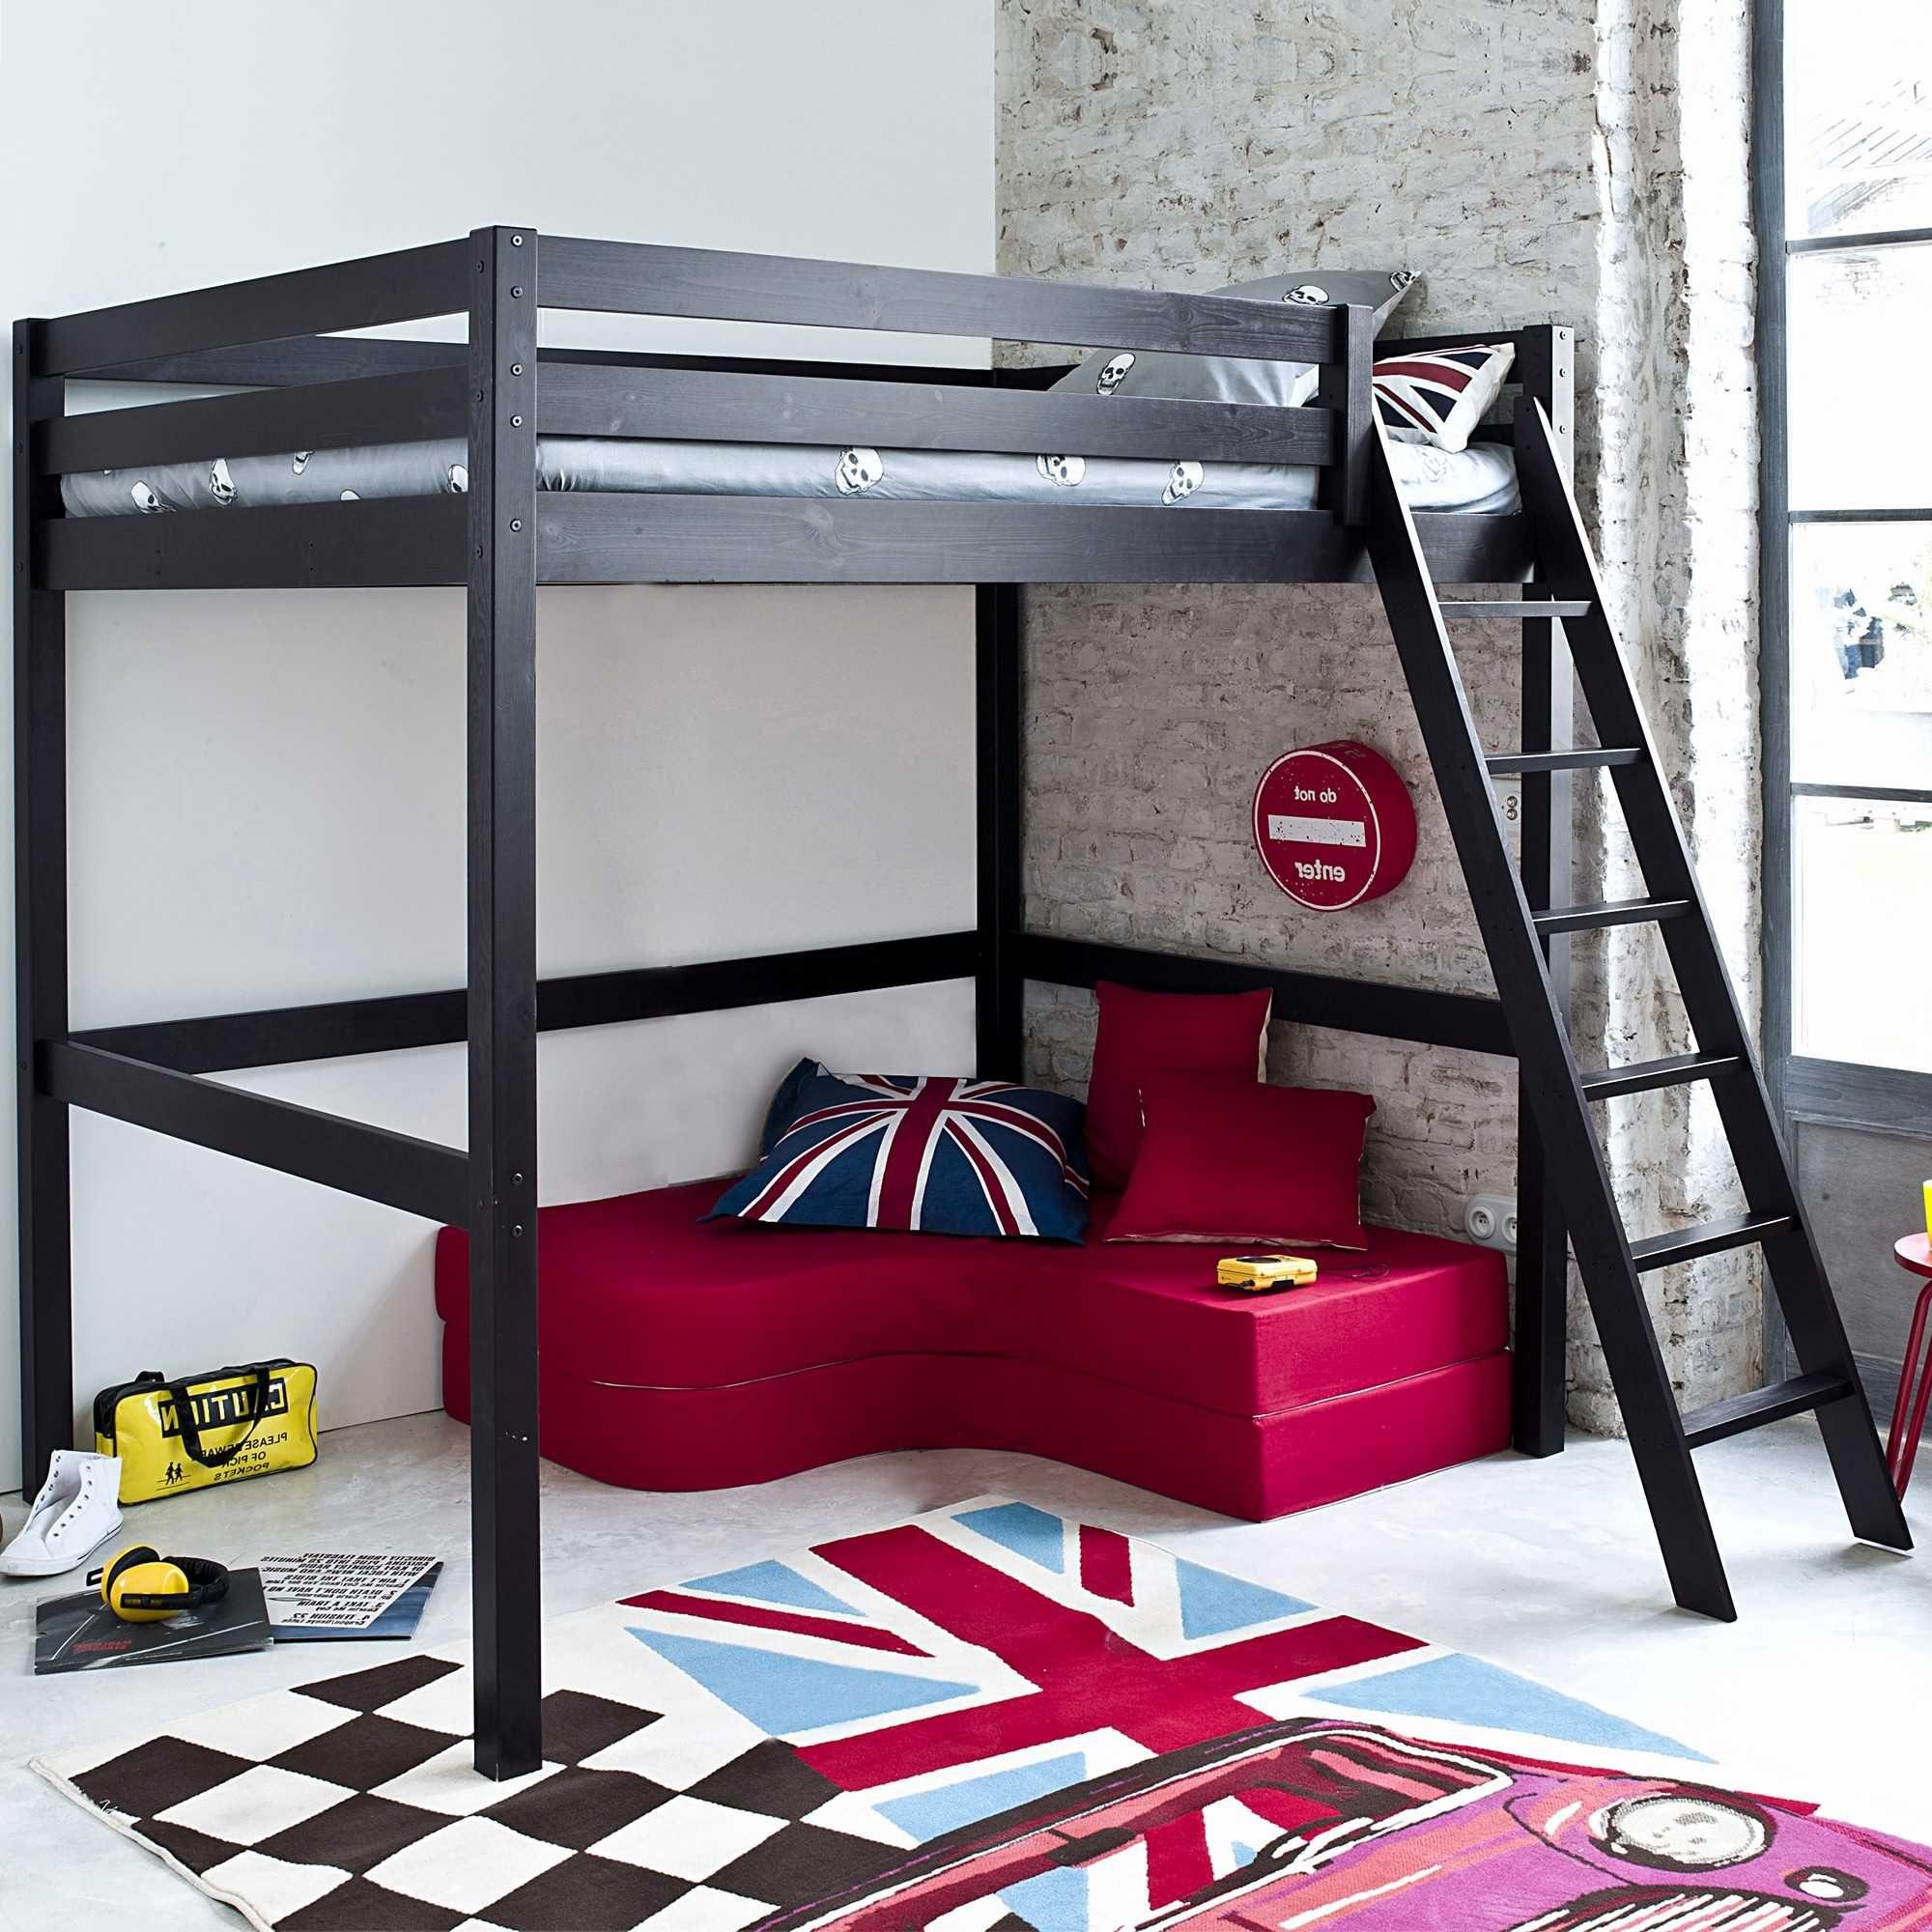 Lit Superposé Gain De Place Fraîche attrayant Chambre Enfant Lit Superposé Et Canapé Lit Gain De Place